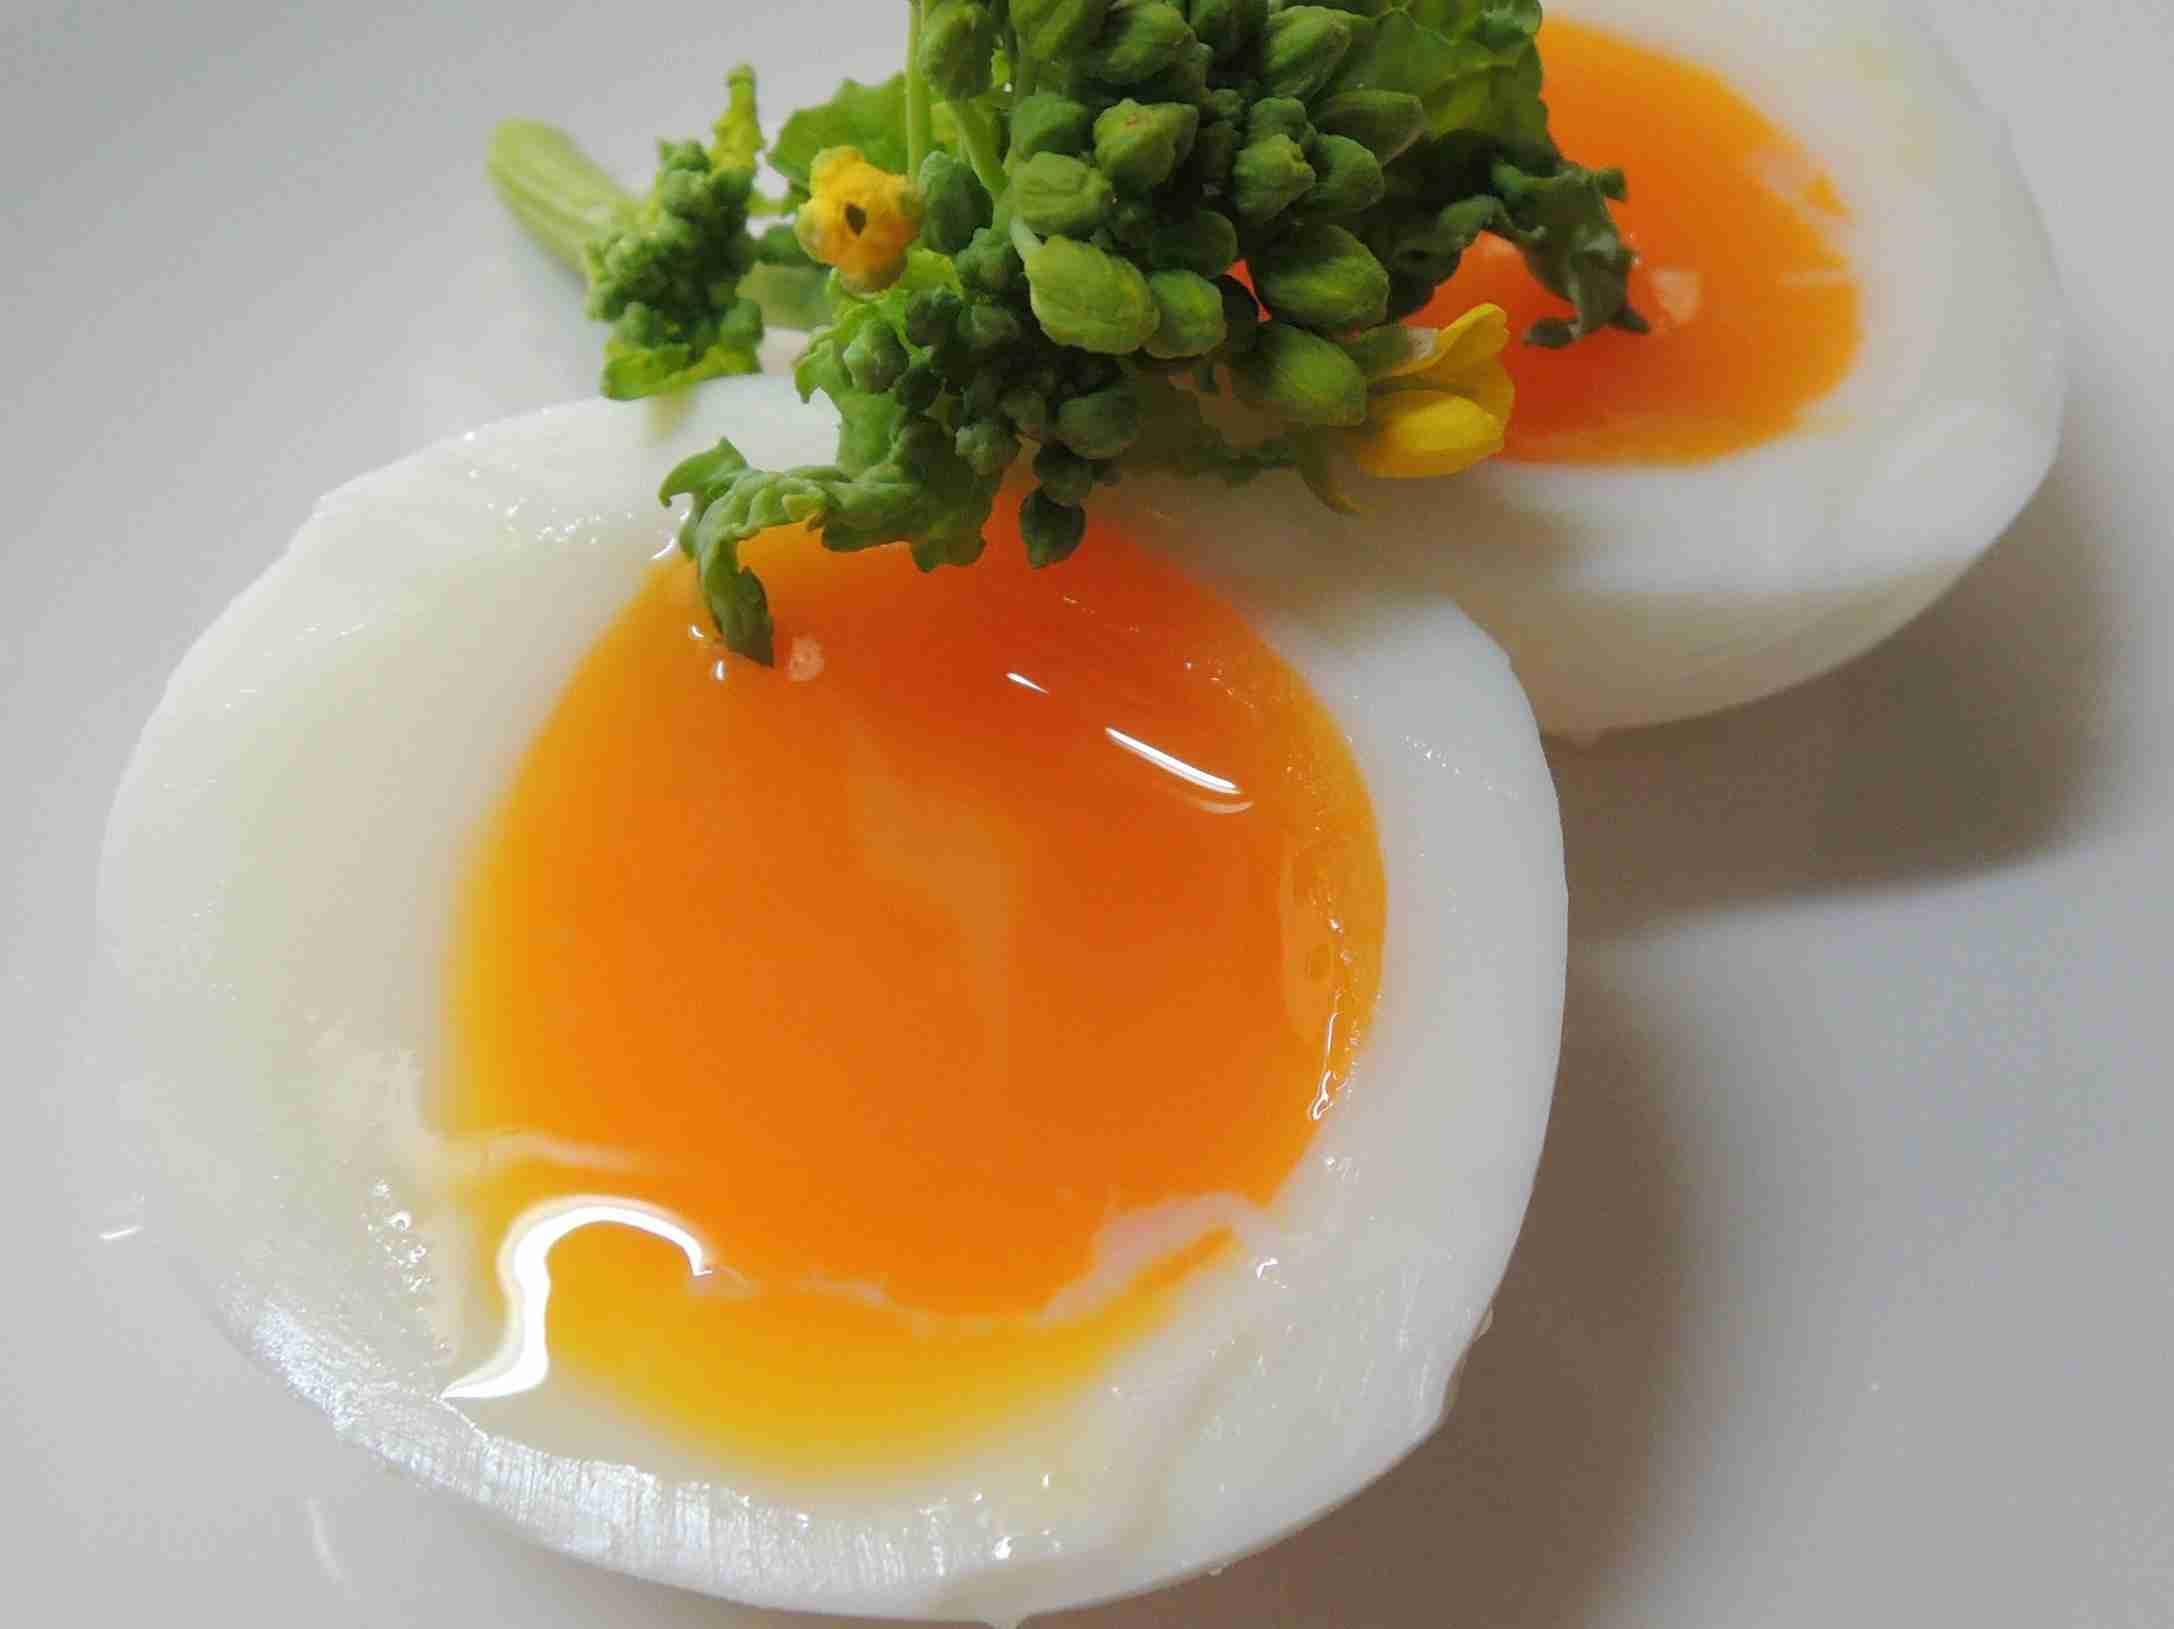 ゆで卵になにつけて食べますか?